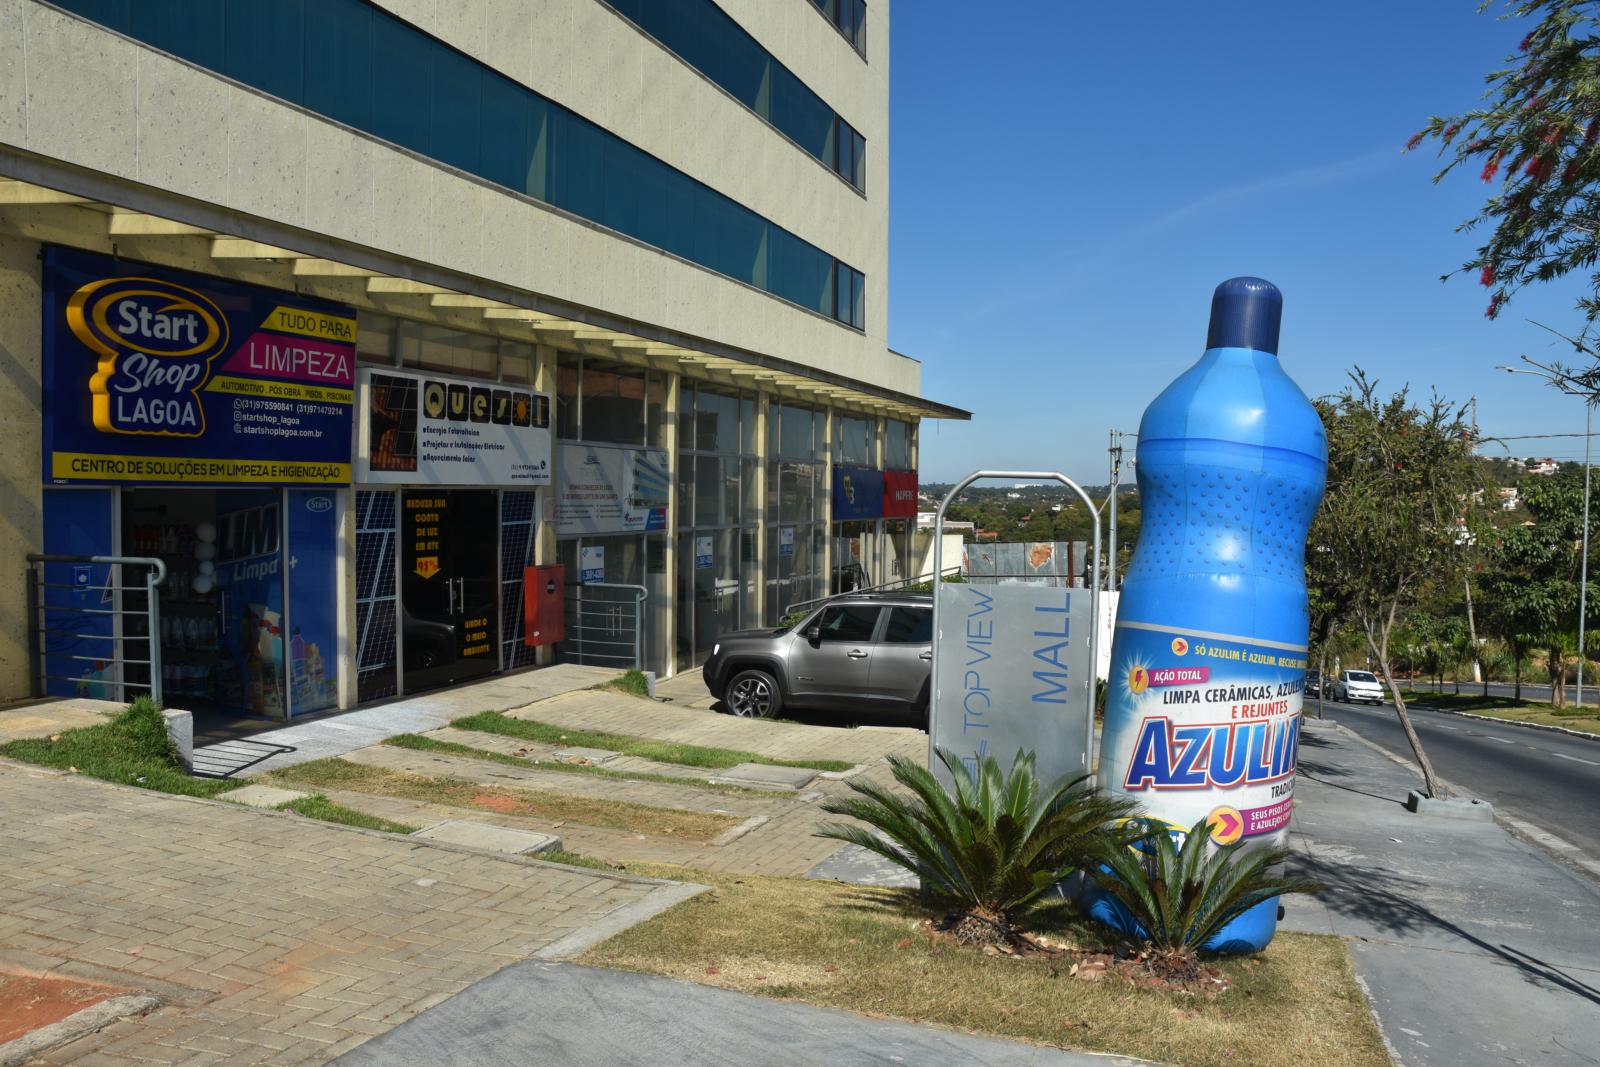 Conheça a Start Shop Lagoa: um centro de soluções em limpeza e higienização